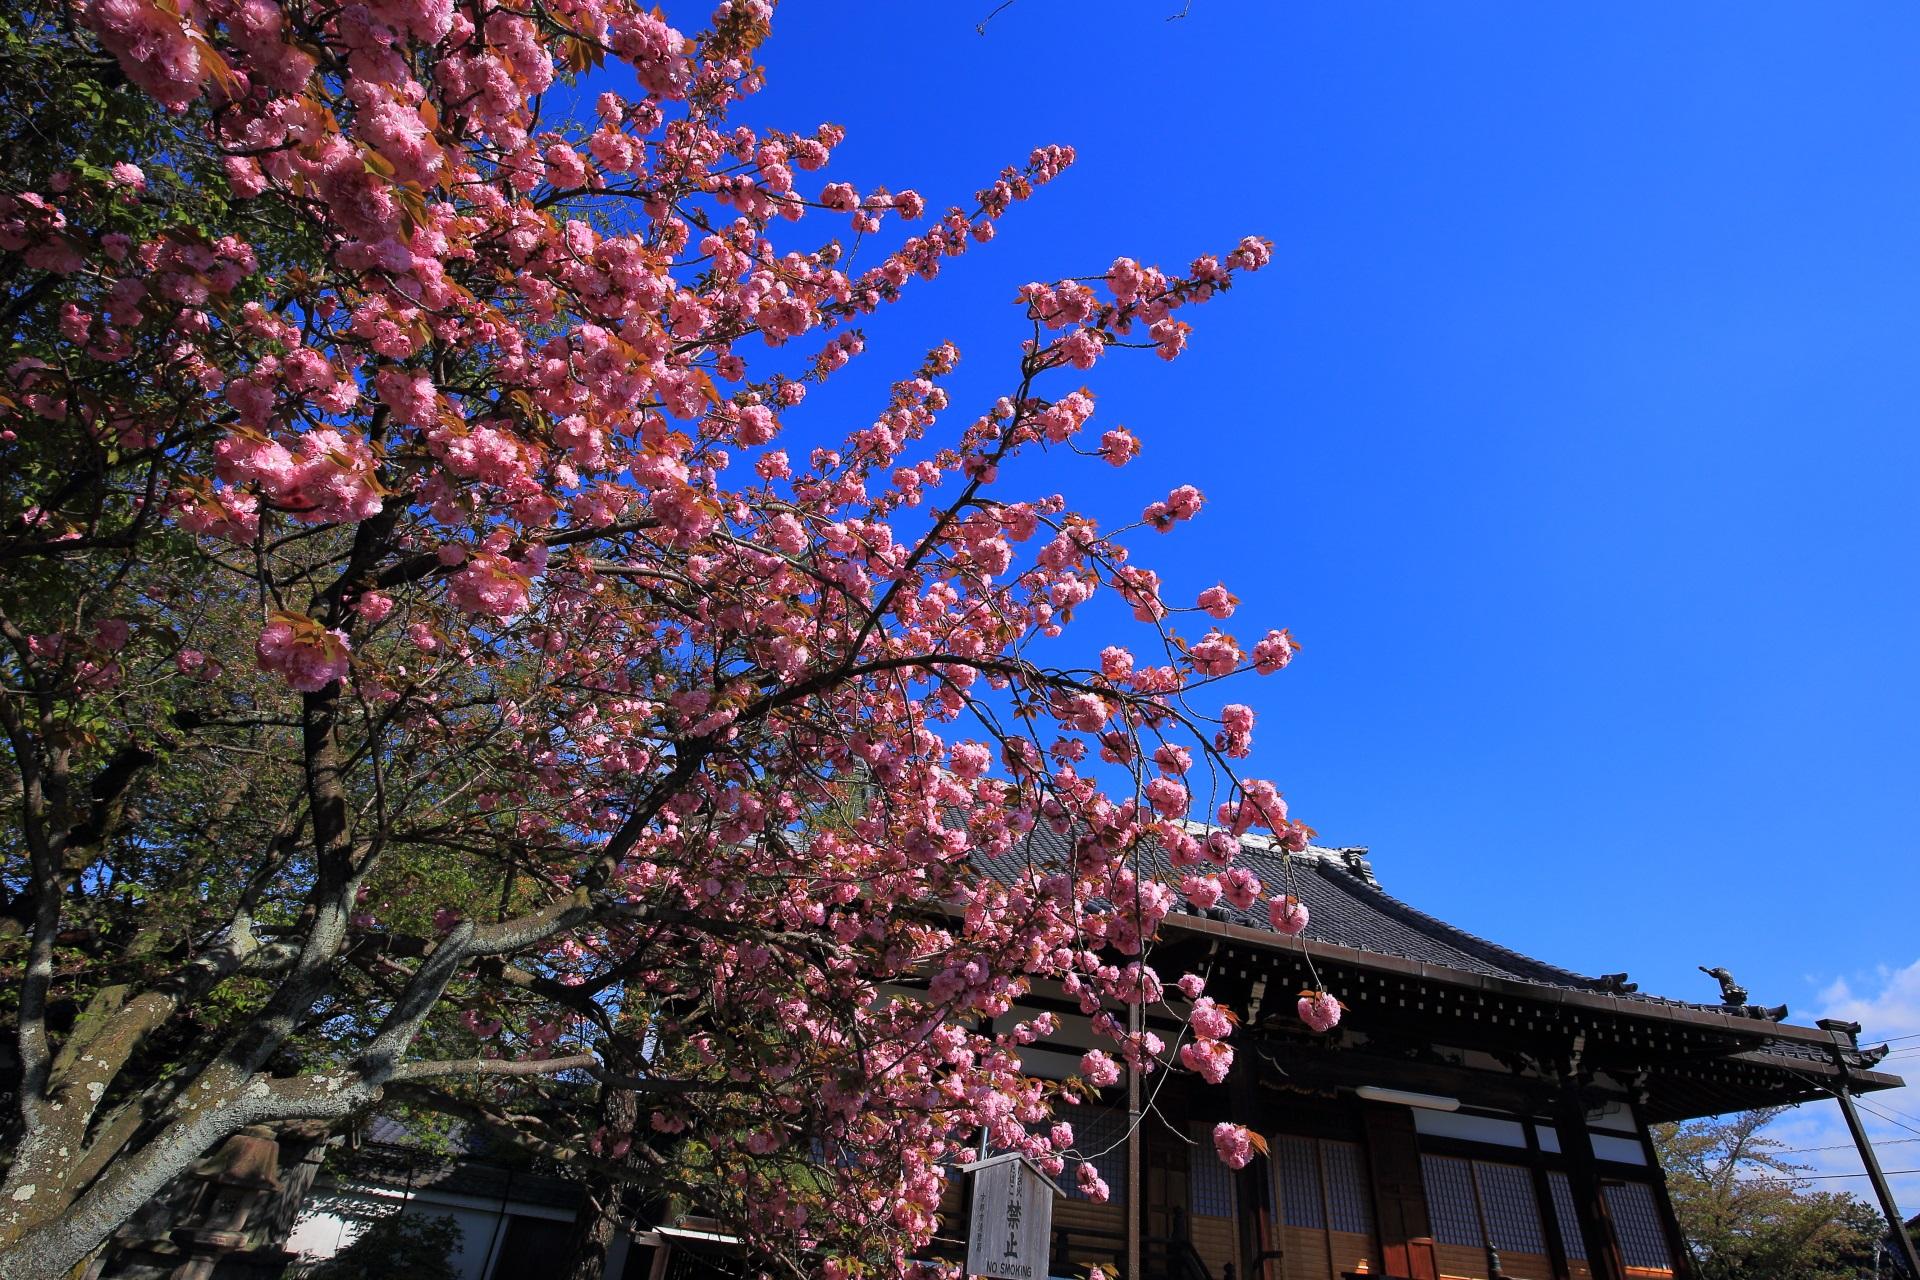 本満寺の本堂と八重桜